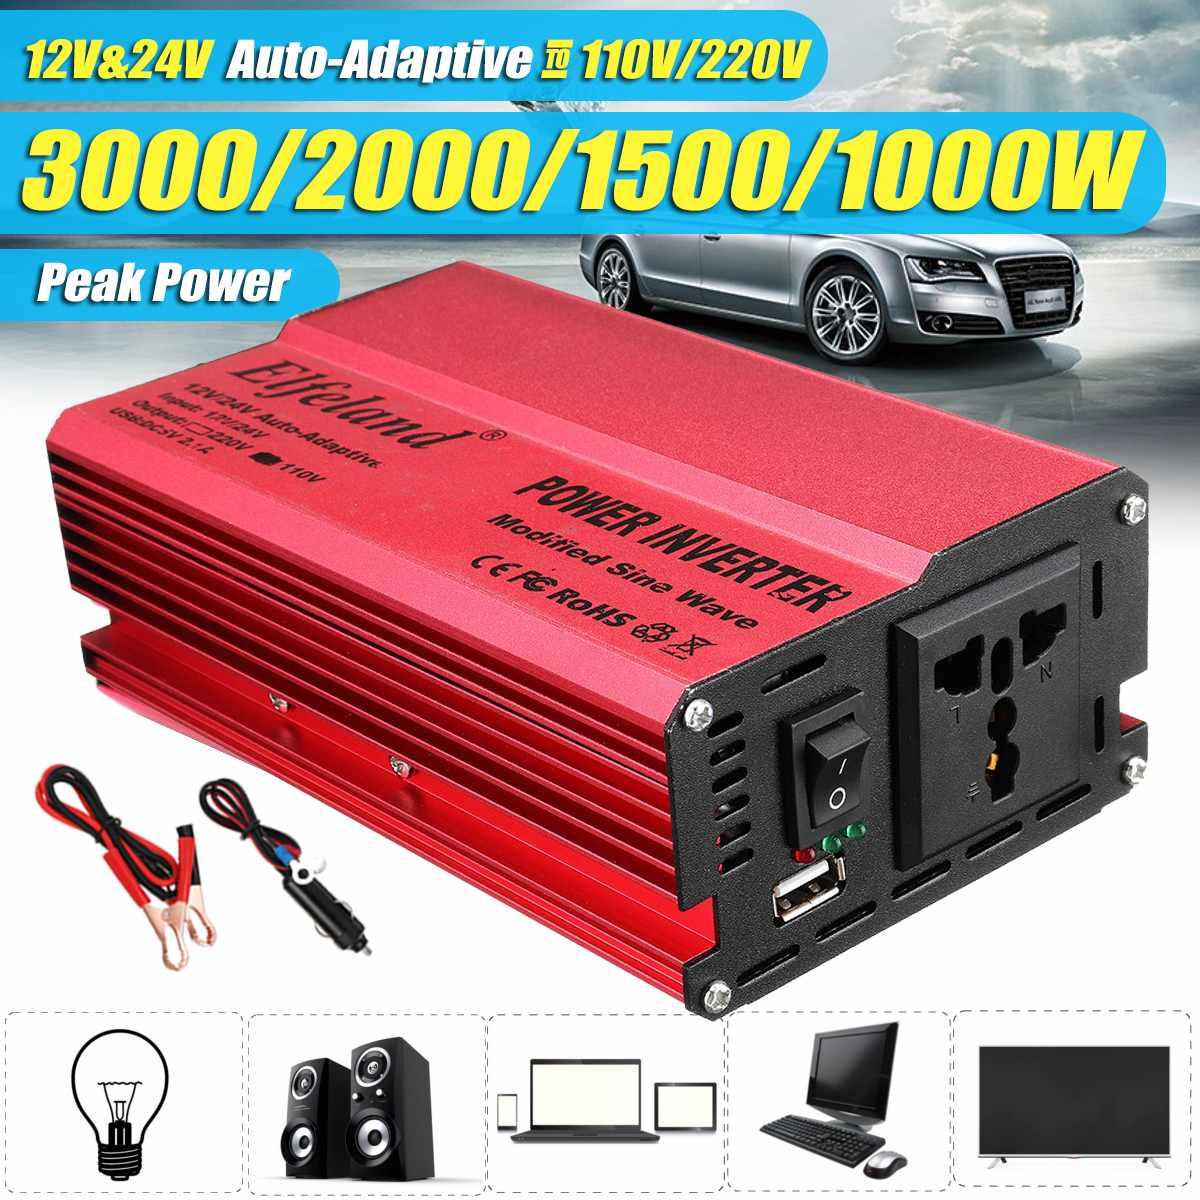 Solar Inverter 12V 220V 3000W 2000W 1500W 1000W P eak Universal 12/24V Voltage Converter Transformer DC 12V&24V To AC 110V/220VSolar Inverter 12V 220V 3000W 2000W 1500W 1000W P eak Universal 12/24V Voltage Converter Transformer DC 12V&24V To AC 110V/220V